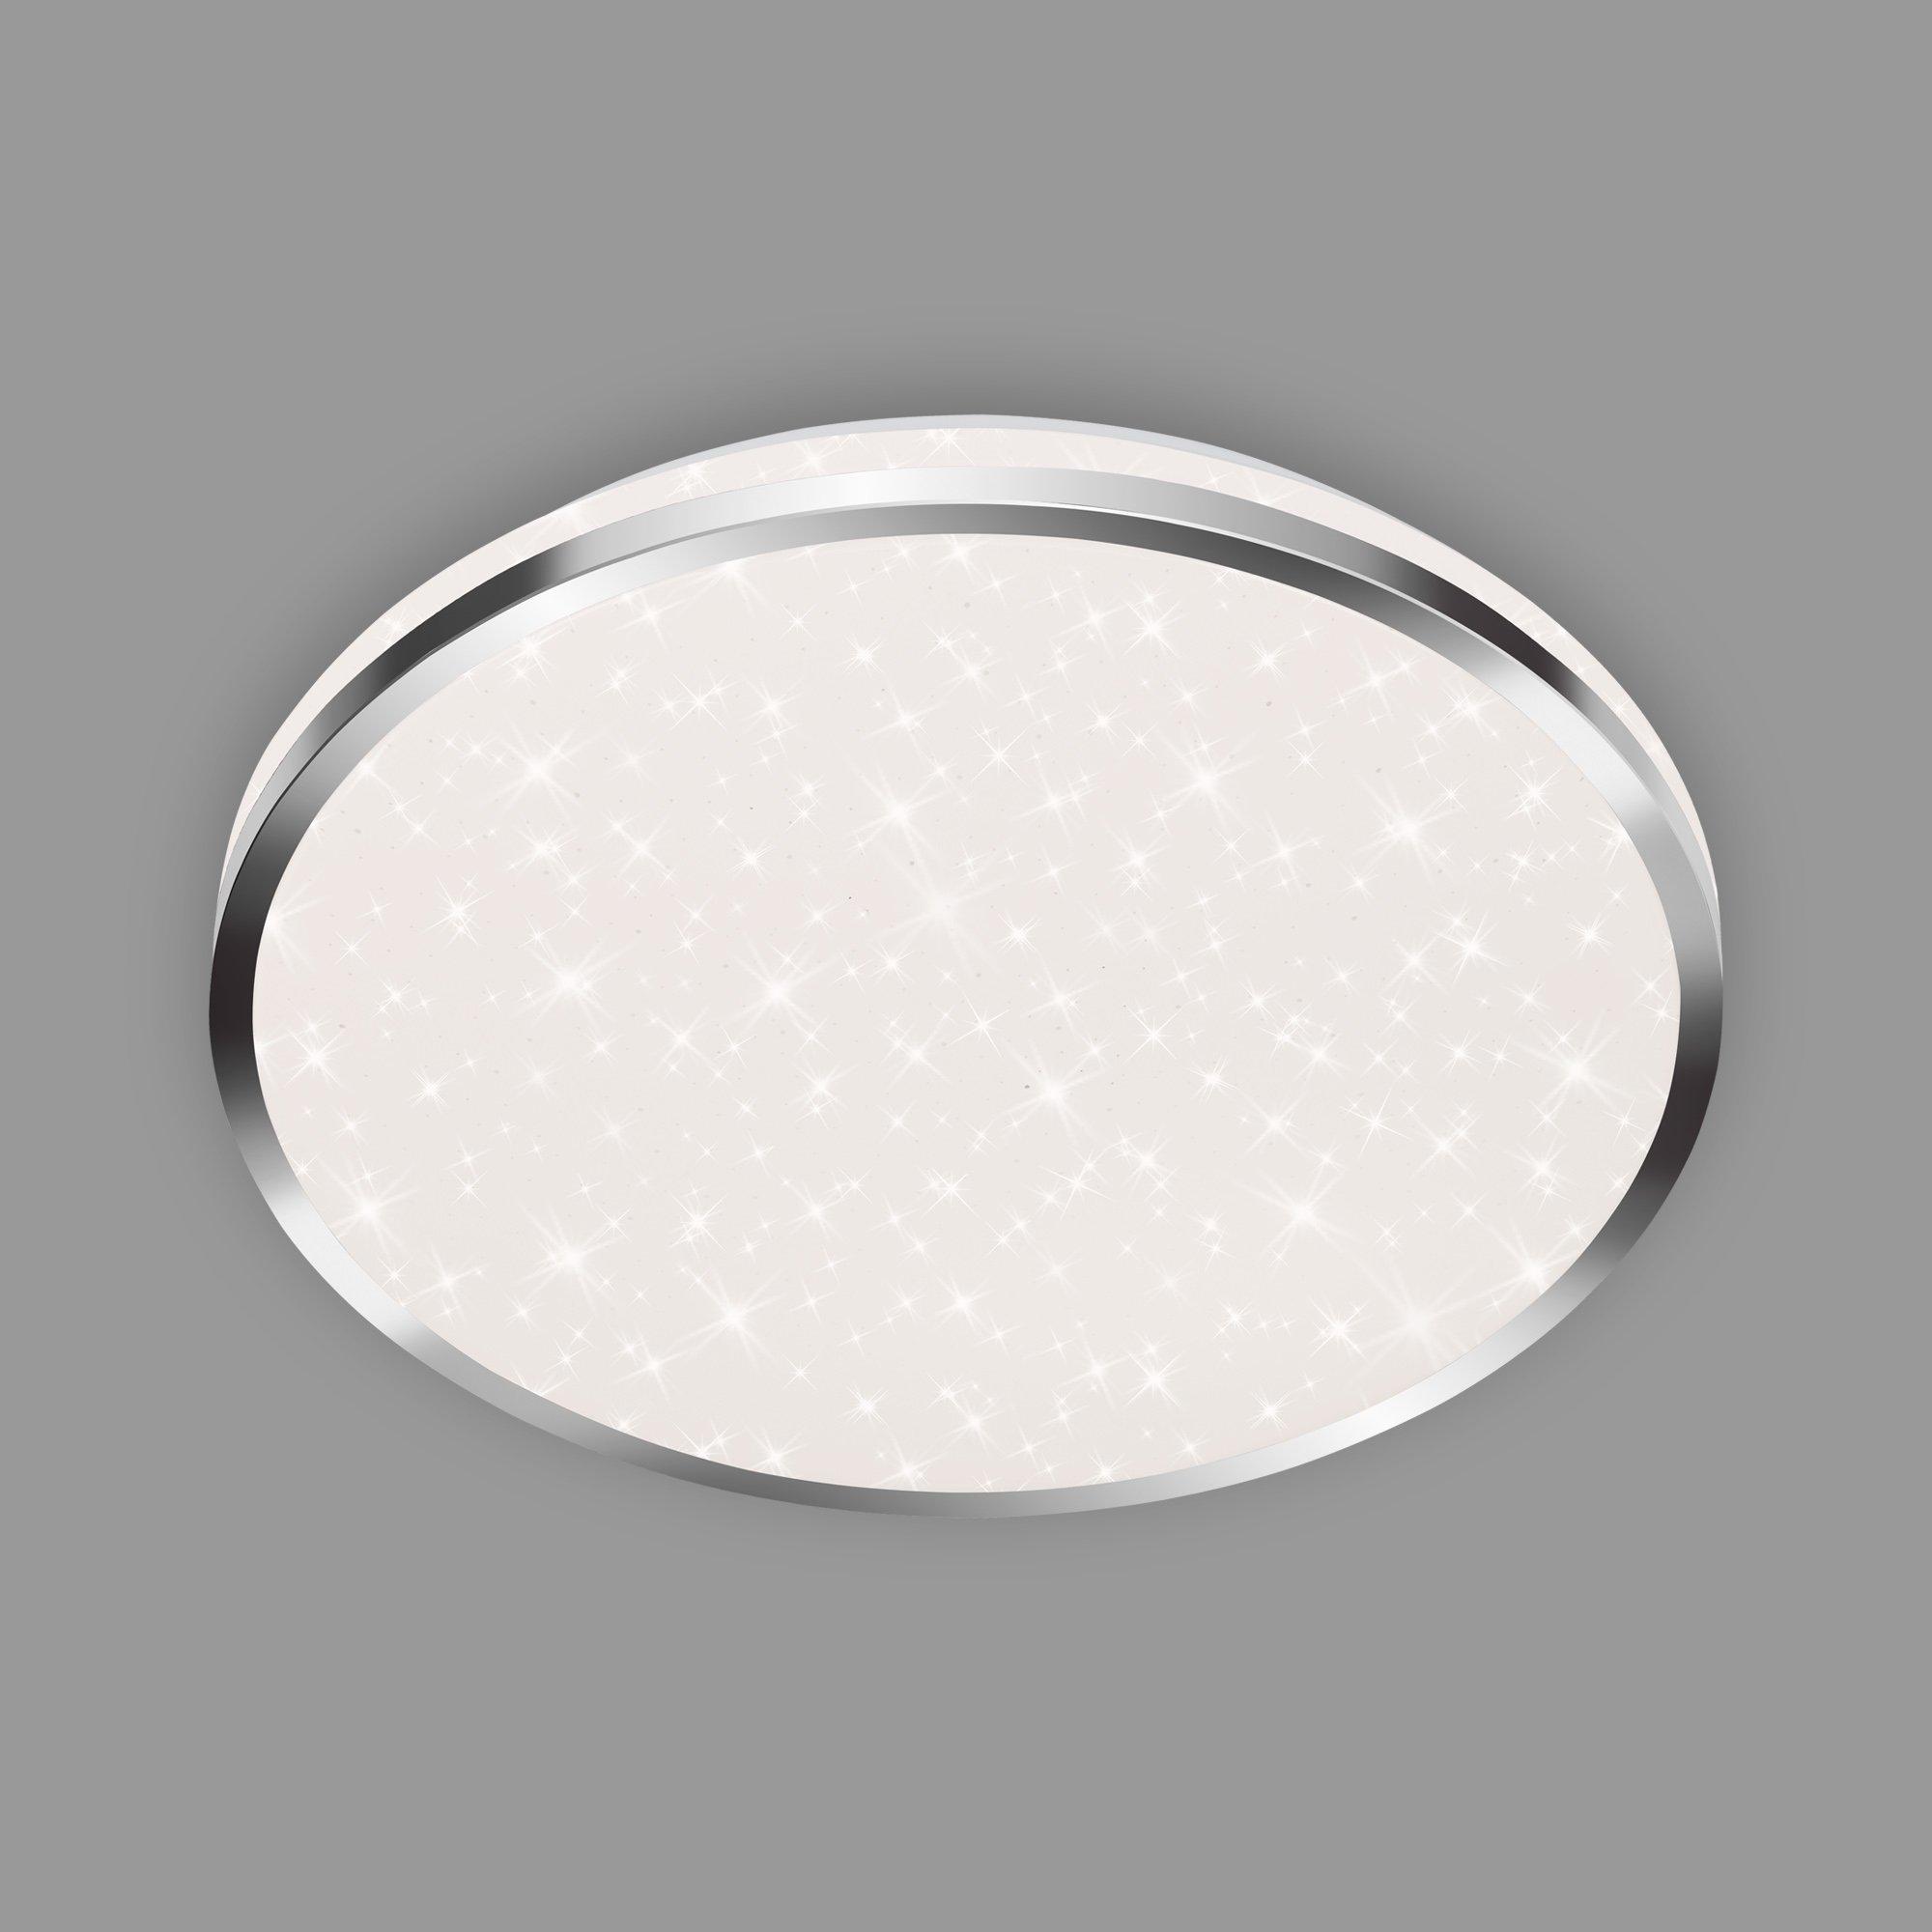 STERNENHIMMEL LED Deckenleuchte, Ø 33 cm, 18 W, Chrom